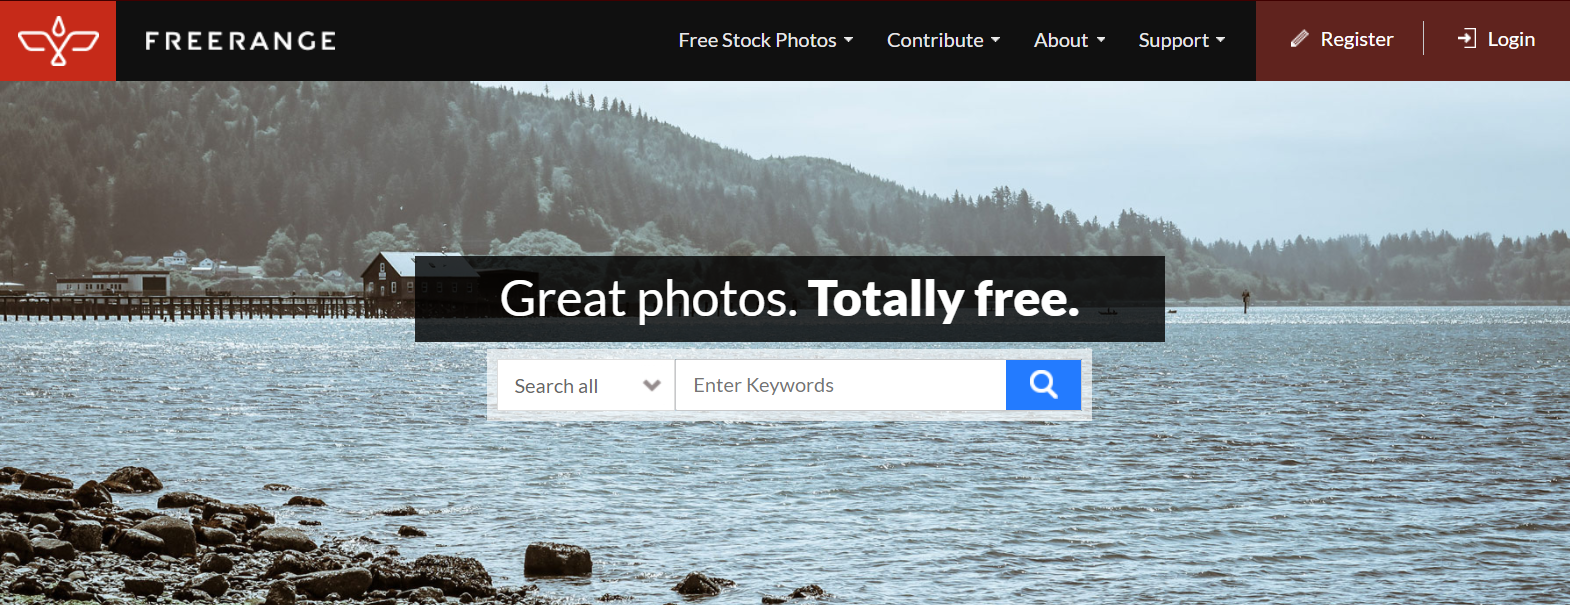 bancos de imágenes gratuitas freerange stock